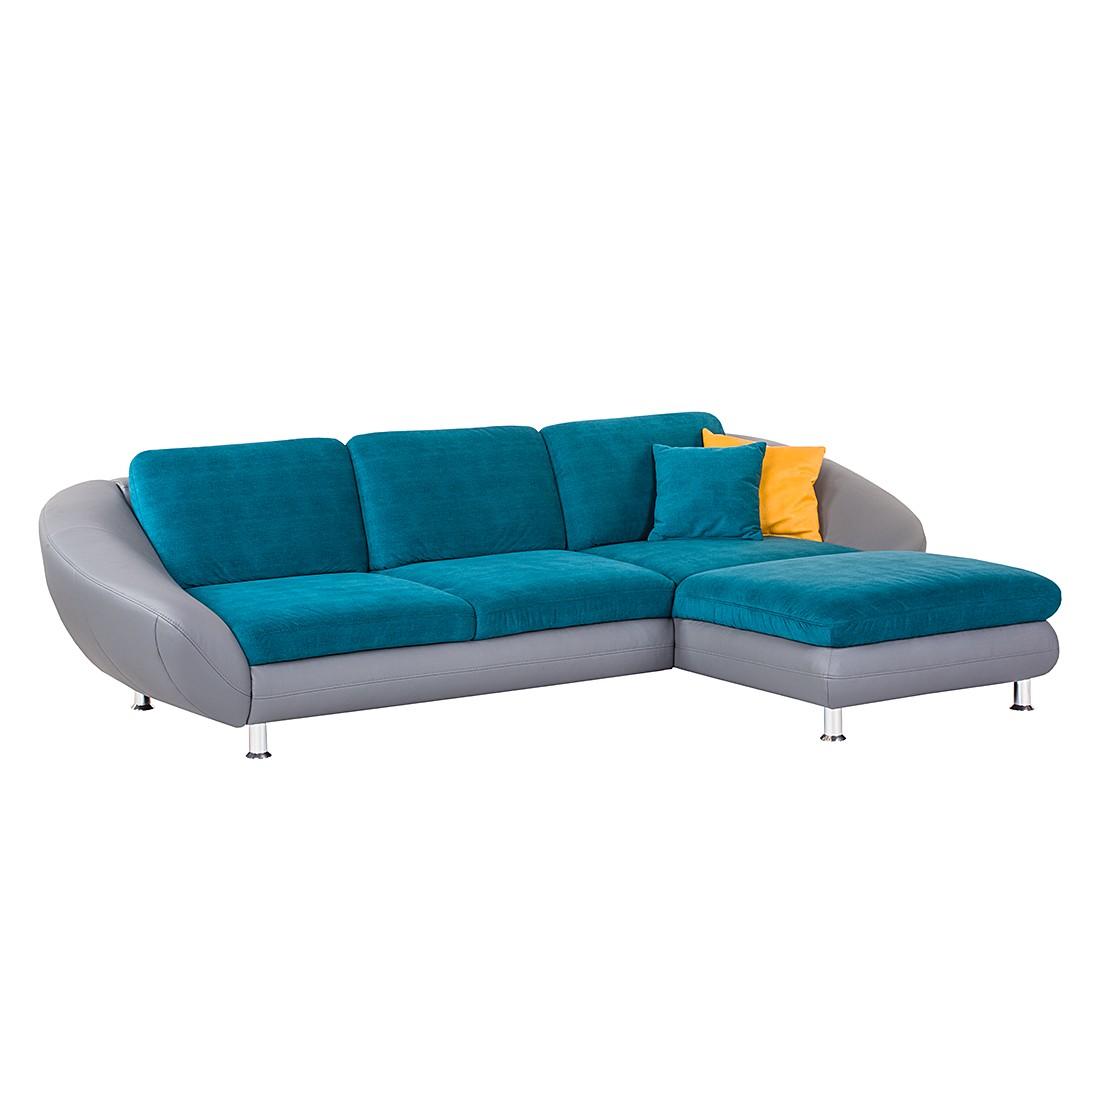 ecksofa federico kunstleder grau webstoff t rkis longchair davorstehend rechts nuovoform. Black Bedroom Furniture Sets. Home Design Ideas